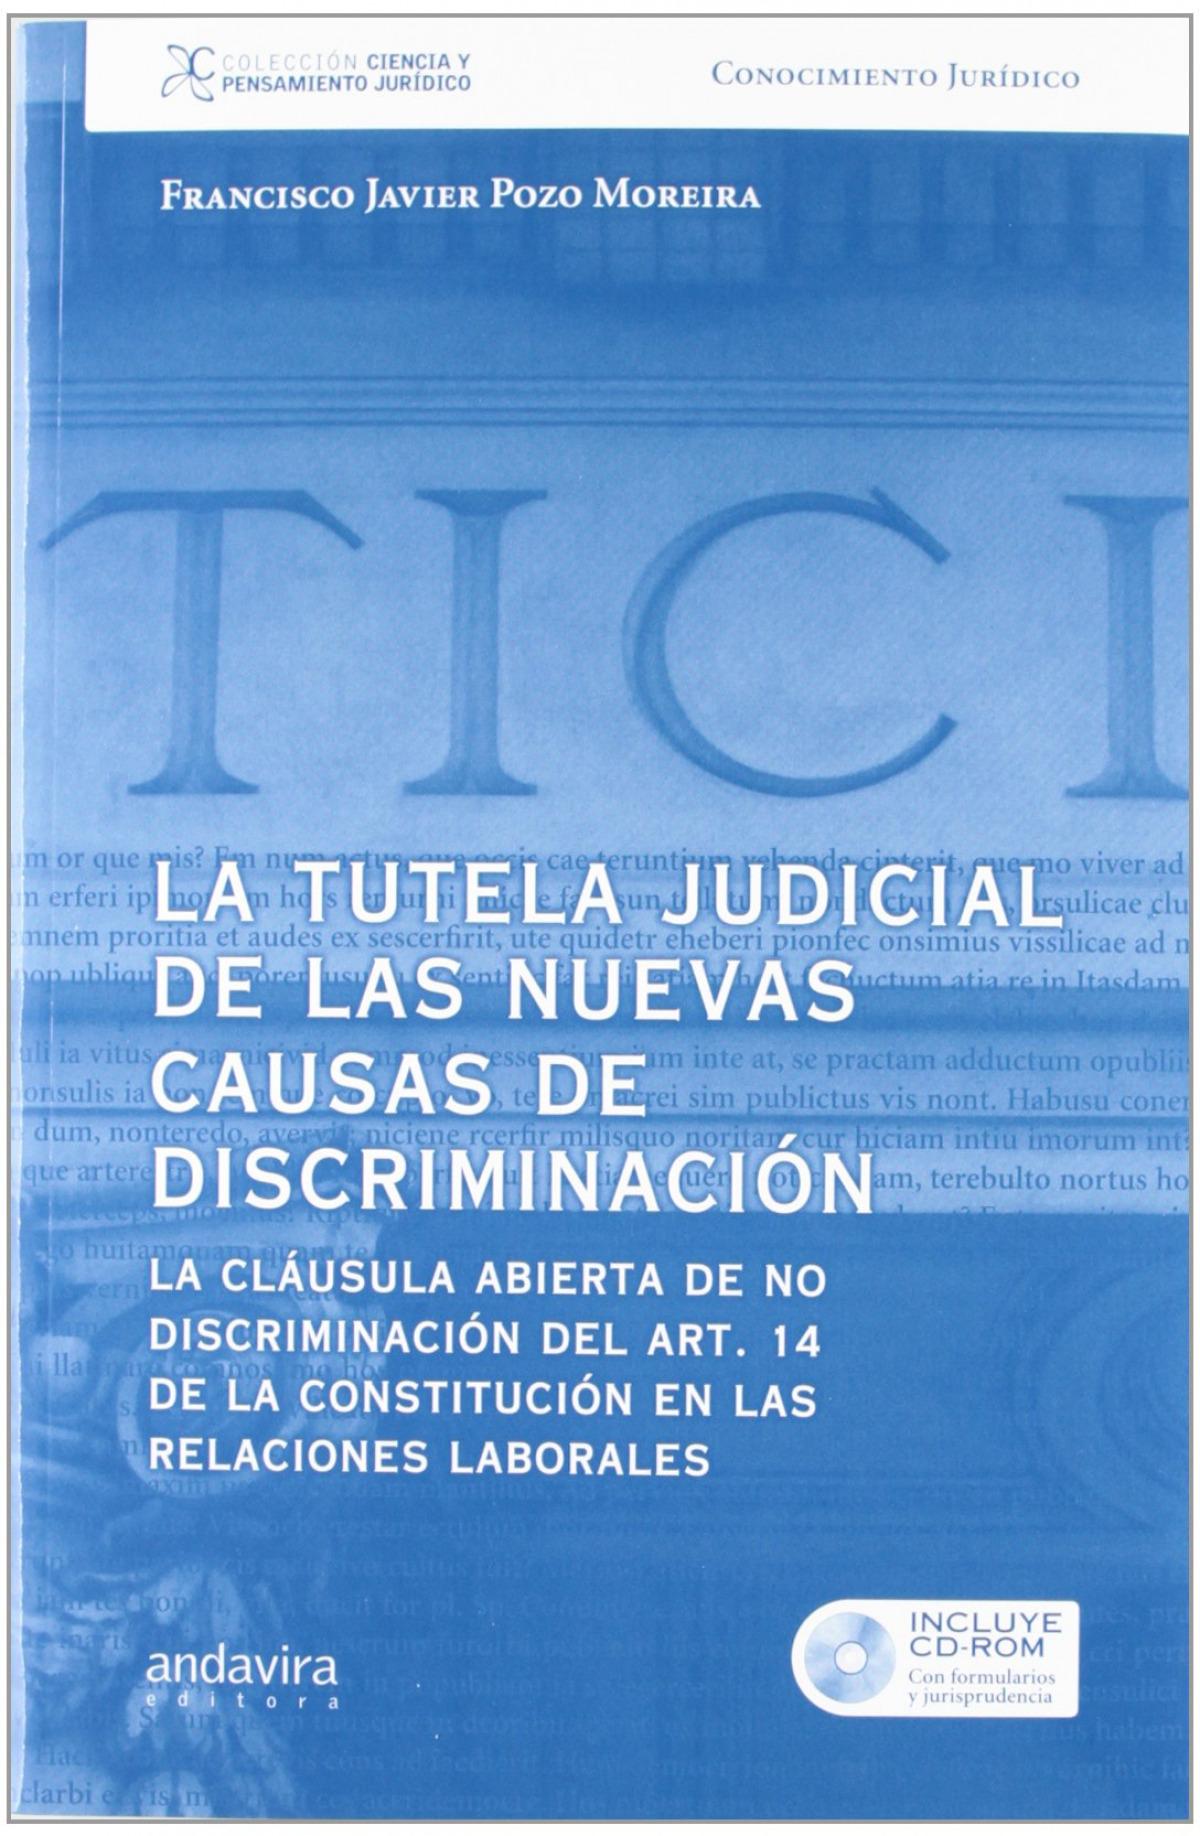 La tutela judicial de nuevas causas de discriminaci¢n